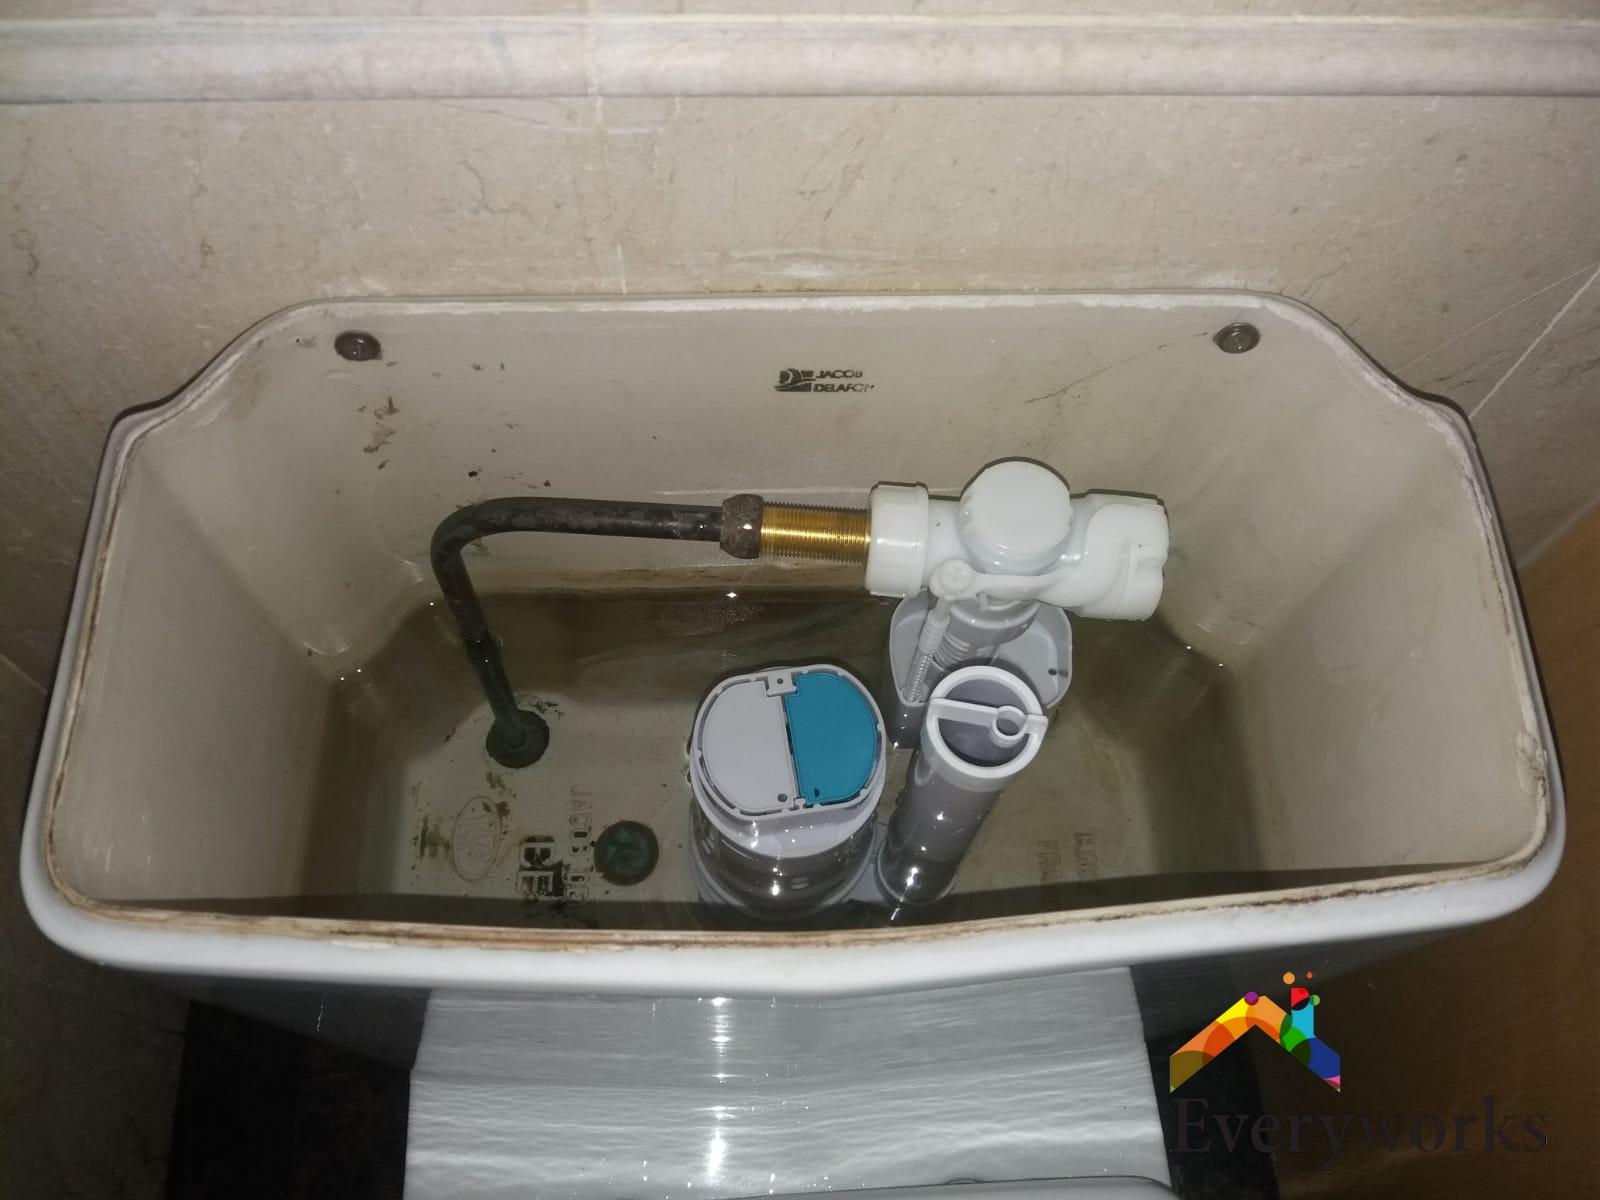 leaking-toilet-repair-flush-system-replacement-singapore-condo-thomson-road-2_wm